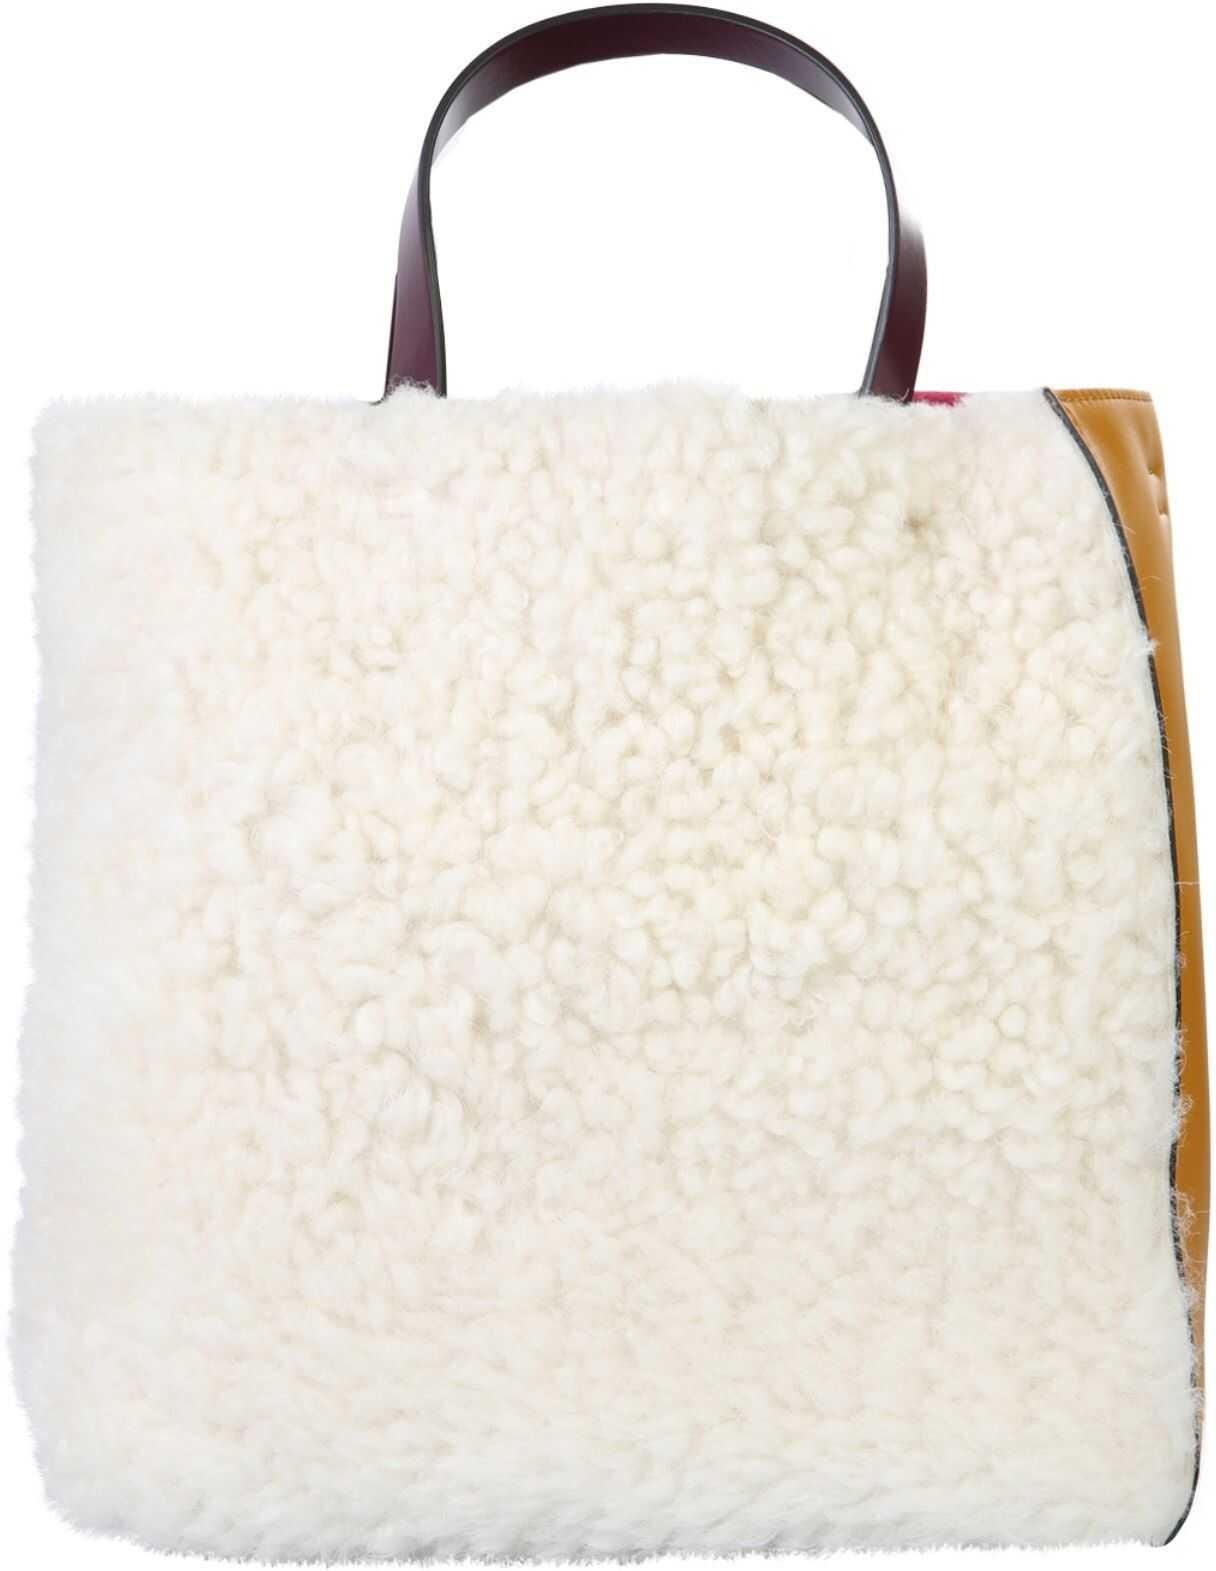 Marni Soft Museum Tote Bag SHMP0018Q4_P3622Z2I81 WHITE imagine b-mall.ro